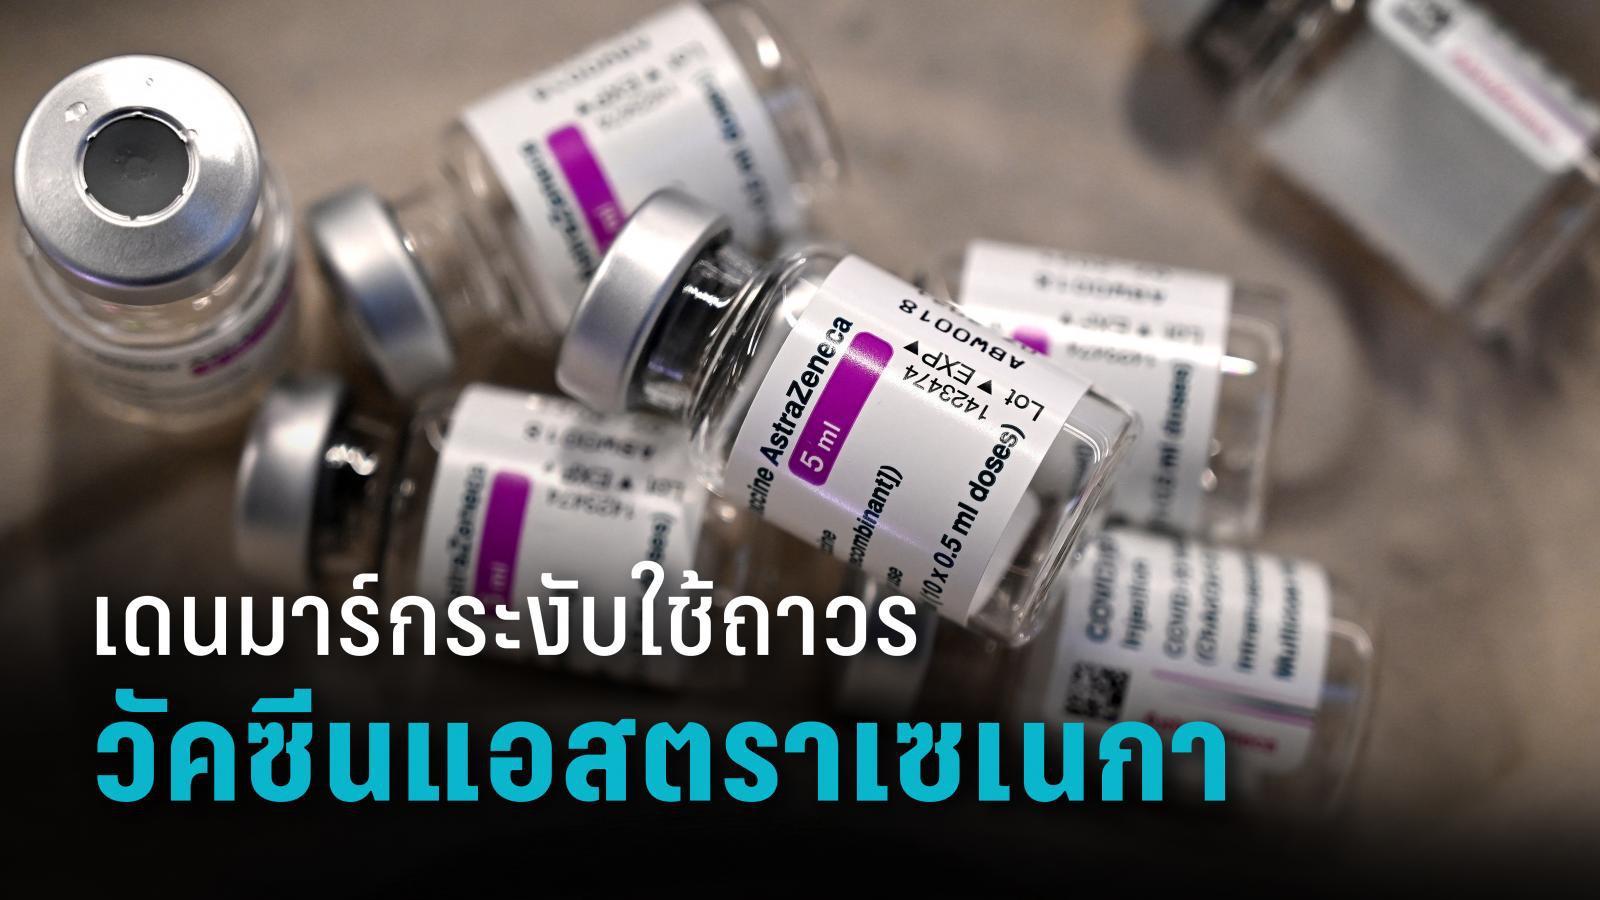 """เดนมาร์กระงับใช้วัคซีนโควิด-19 """"แอสตราเซเนกา"""" เป็นการถาวร"""